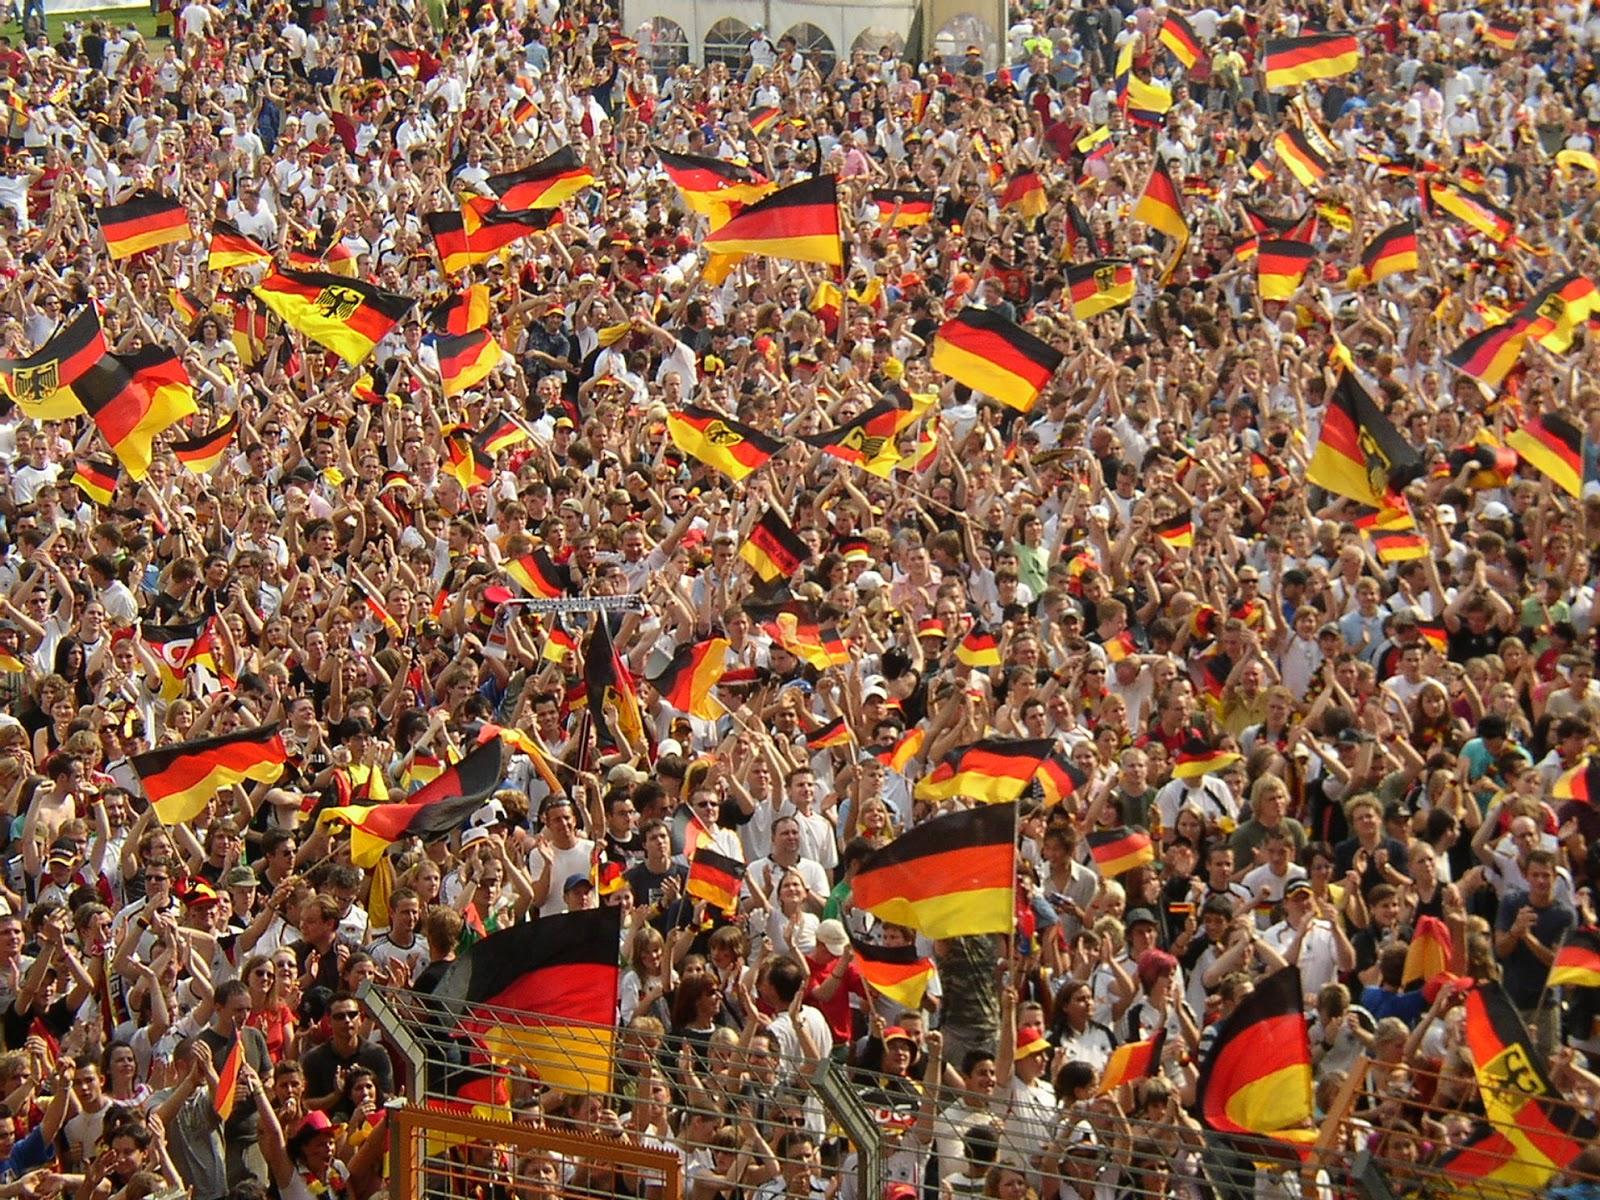 صوره بحث مميز حول المانيا